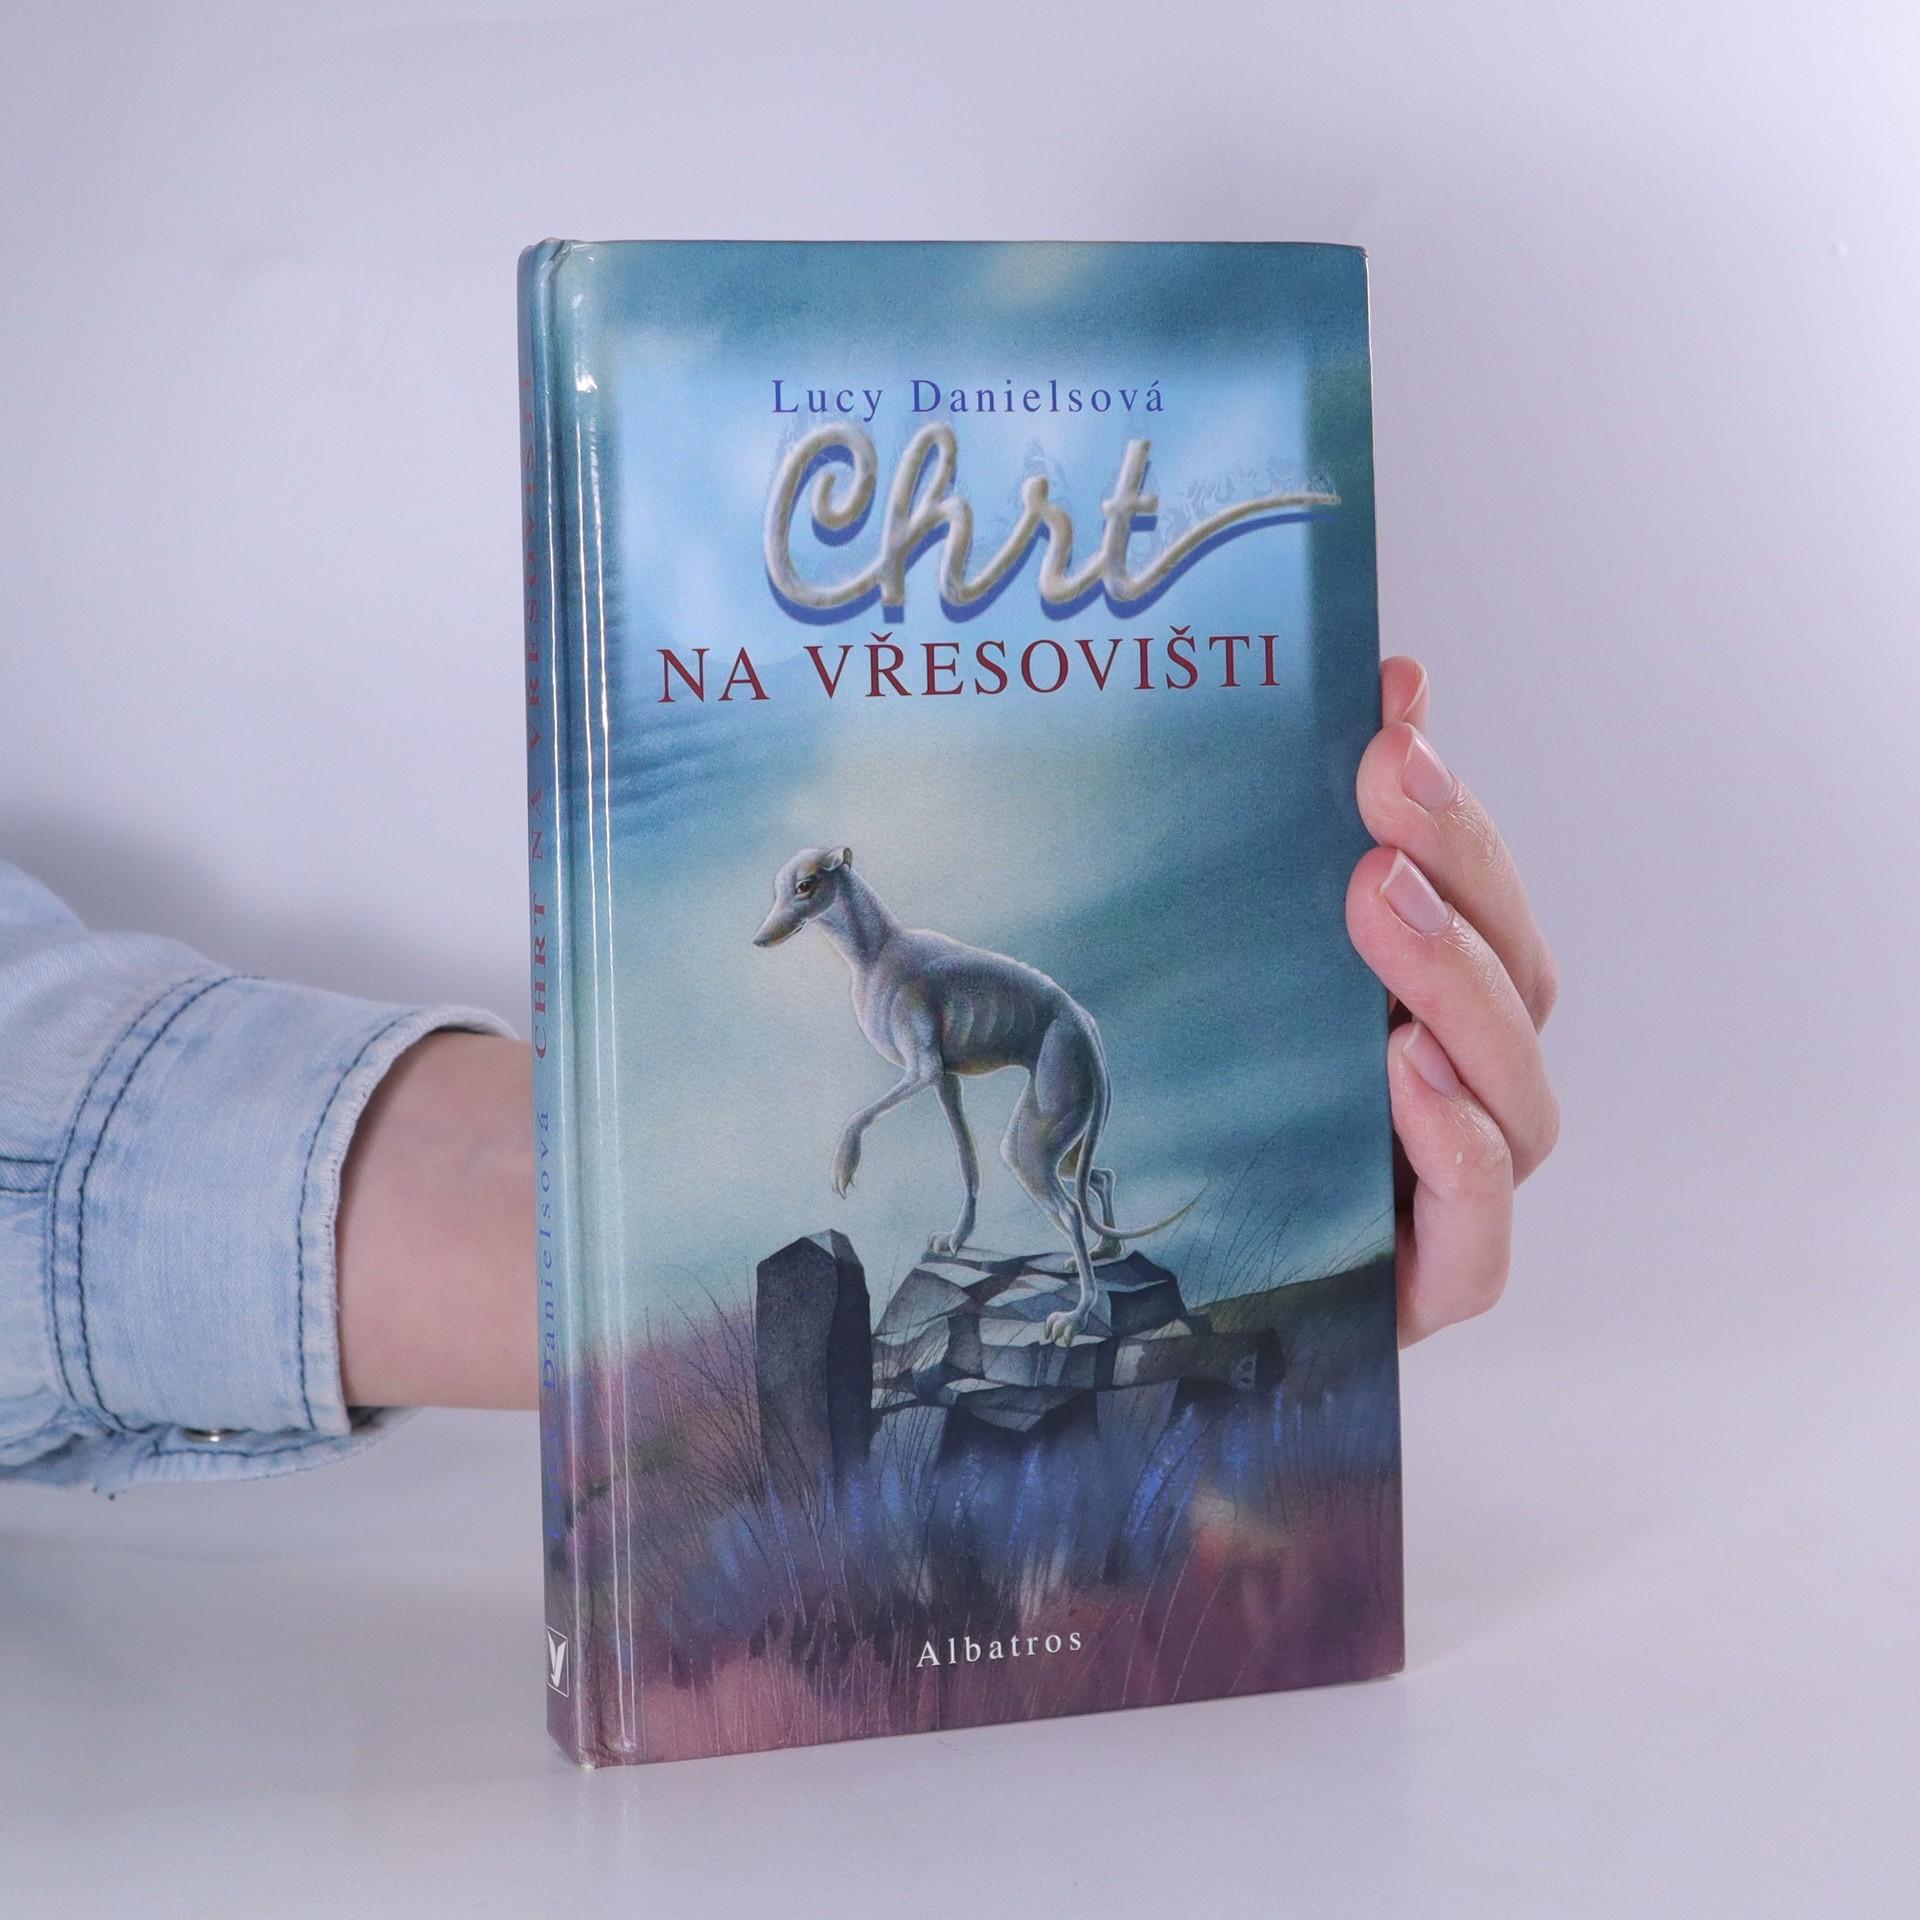 antikvární kniha Chrt na vřesovišti, 2005